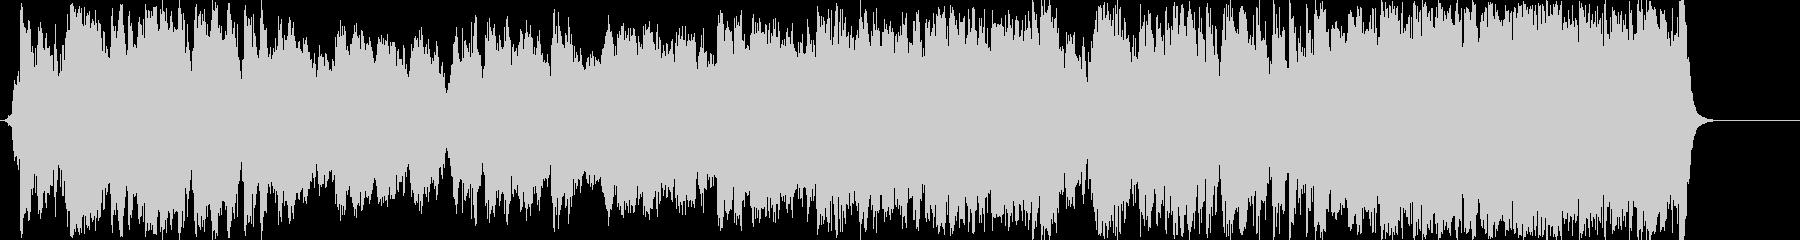 勝利曲(ゲーム系)壮大なオーケストラ系の未再生の波形